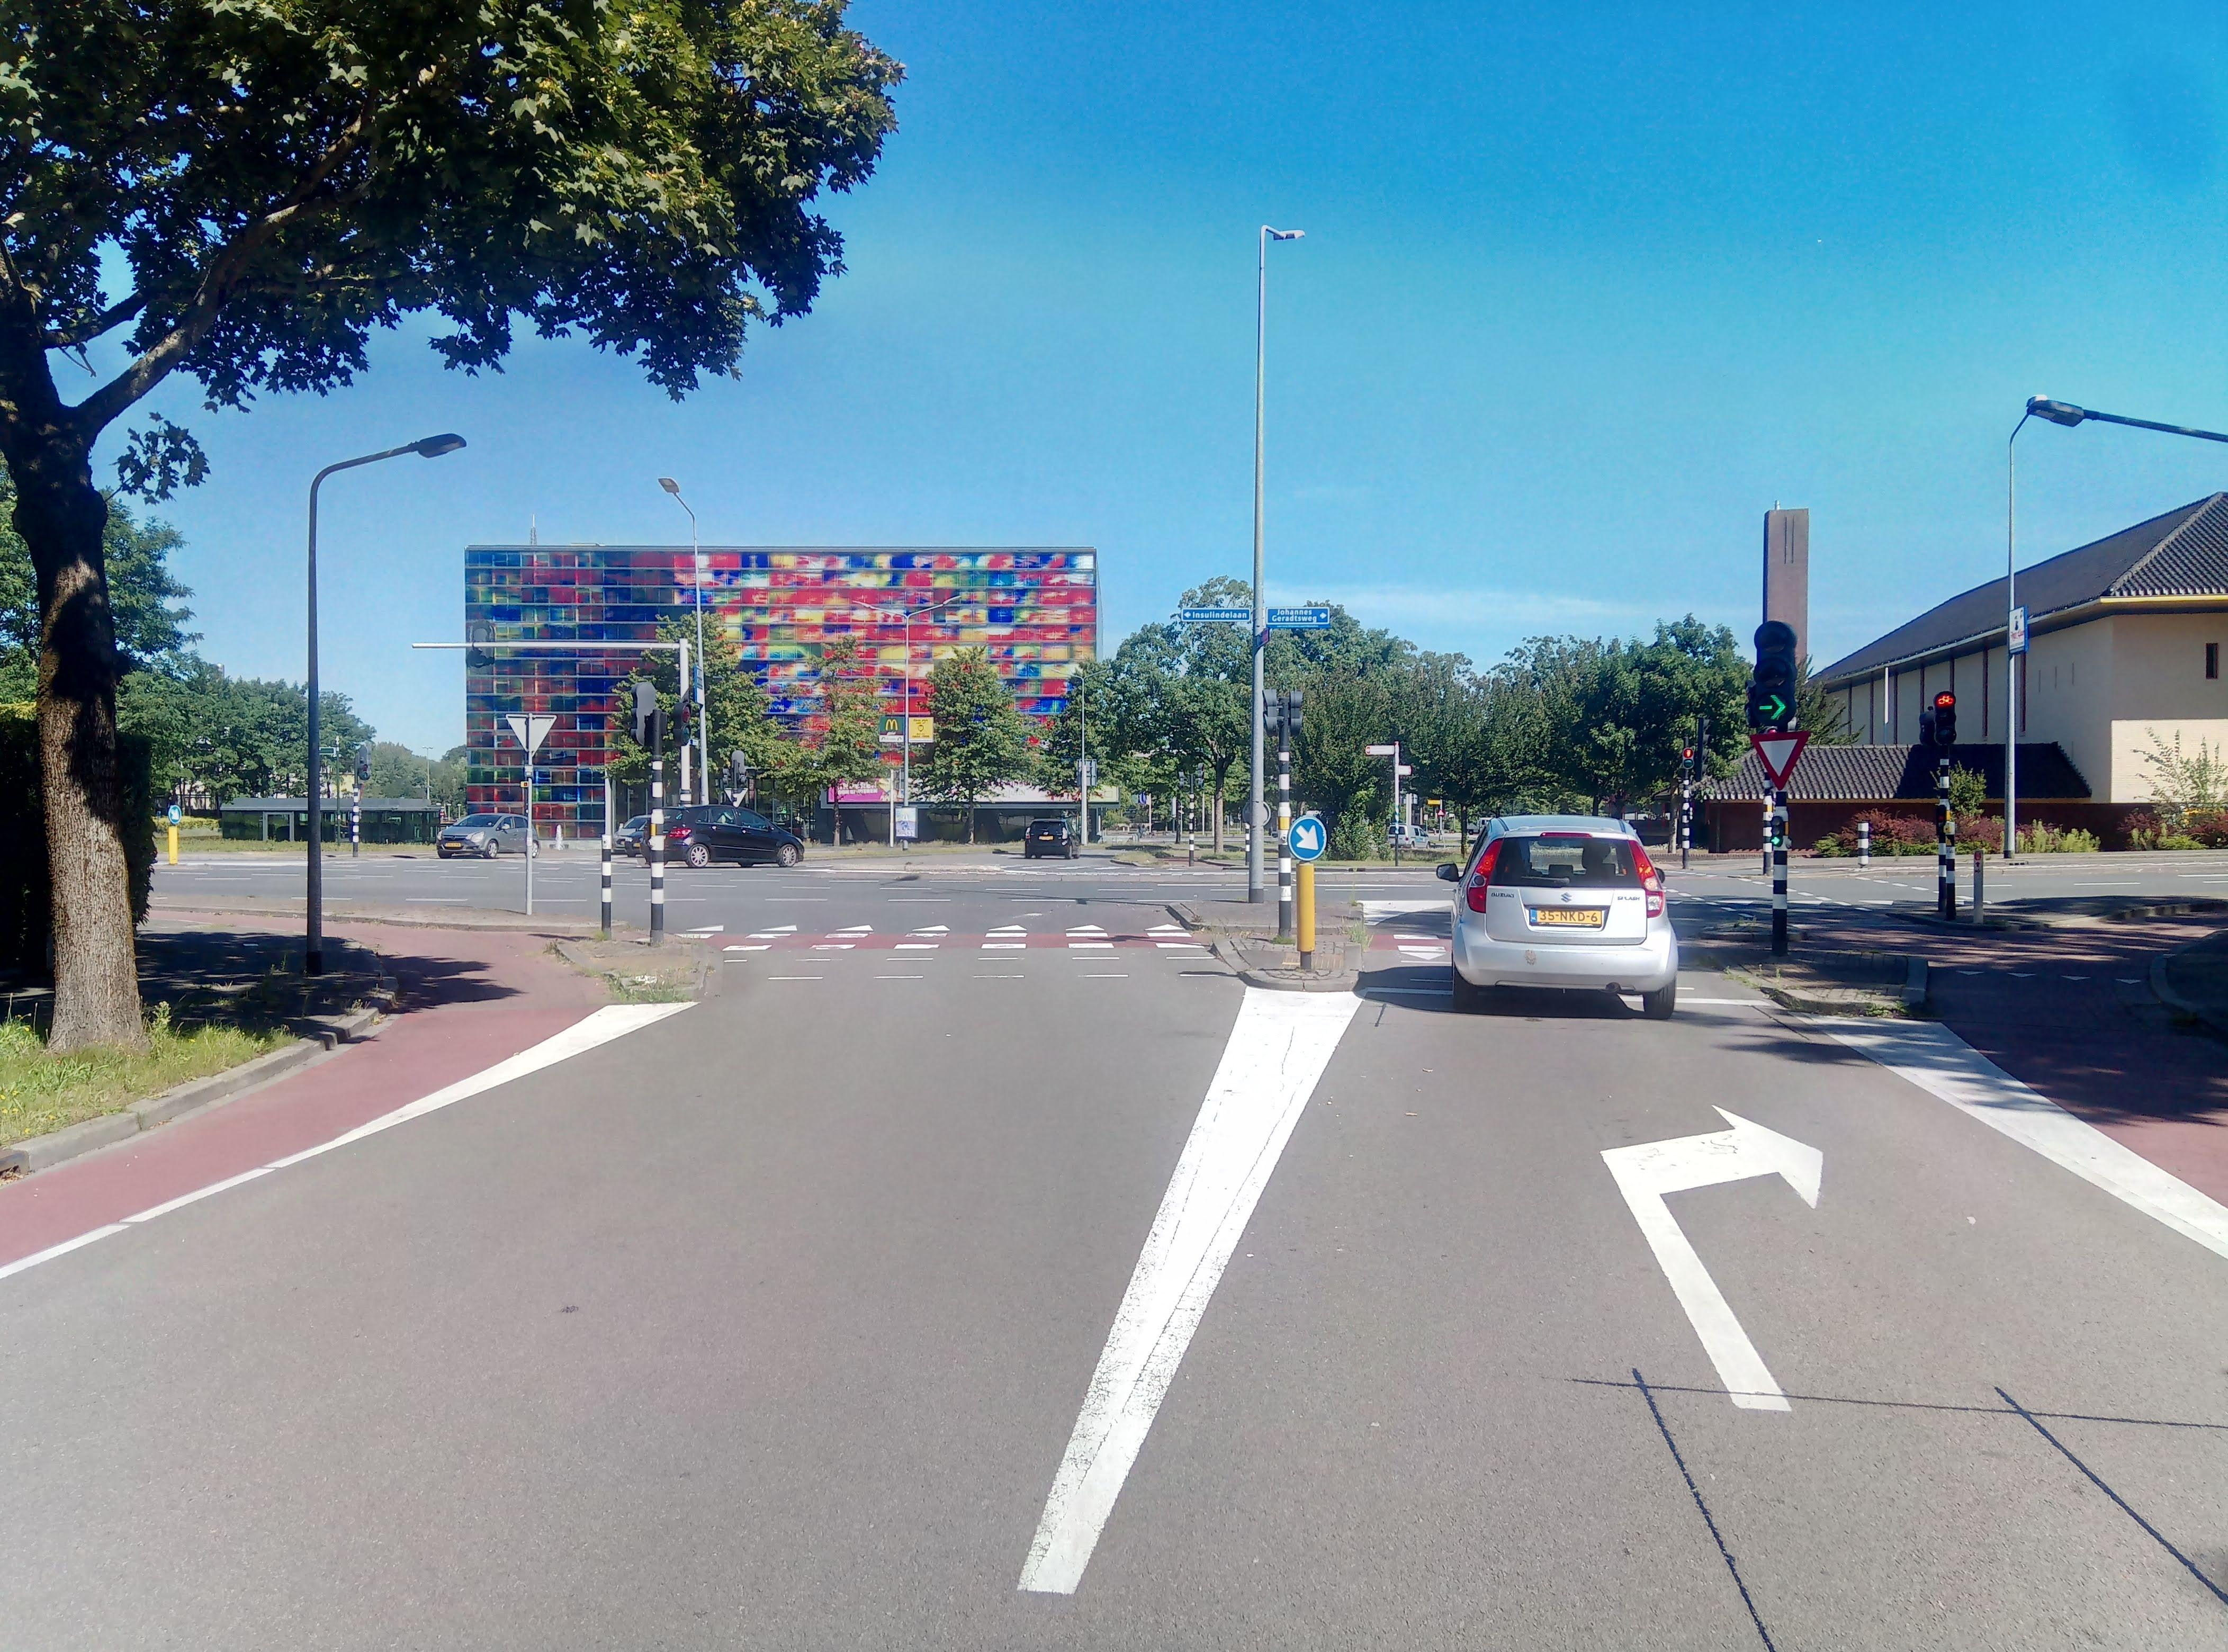 41 Hilversumse verkeerslichten voortaan op afstand bediend vanuit Hoofddorp